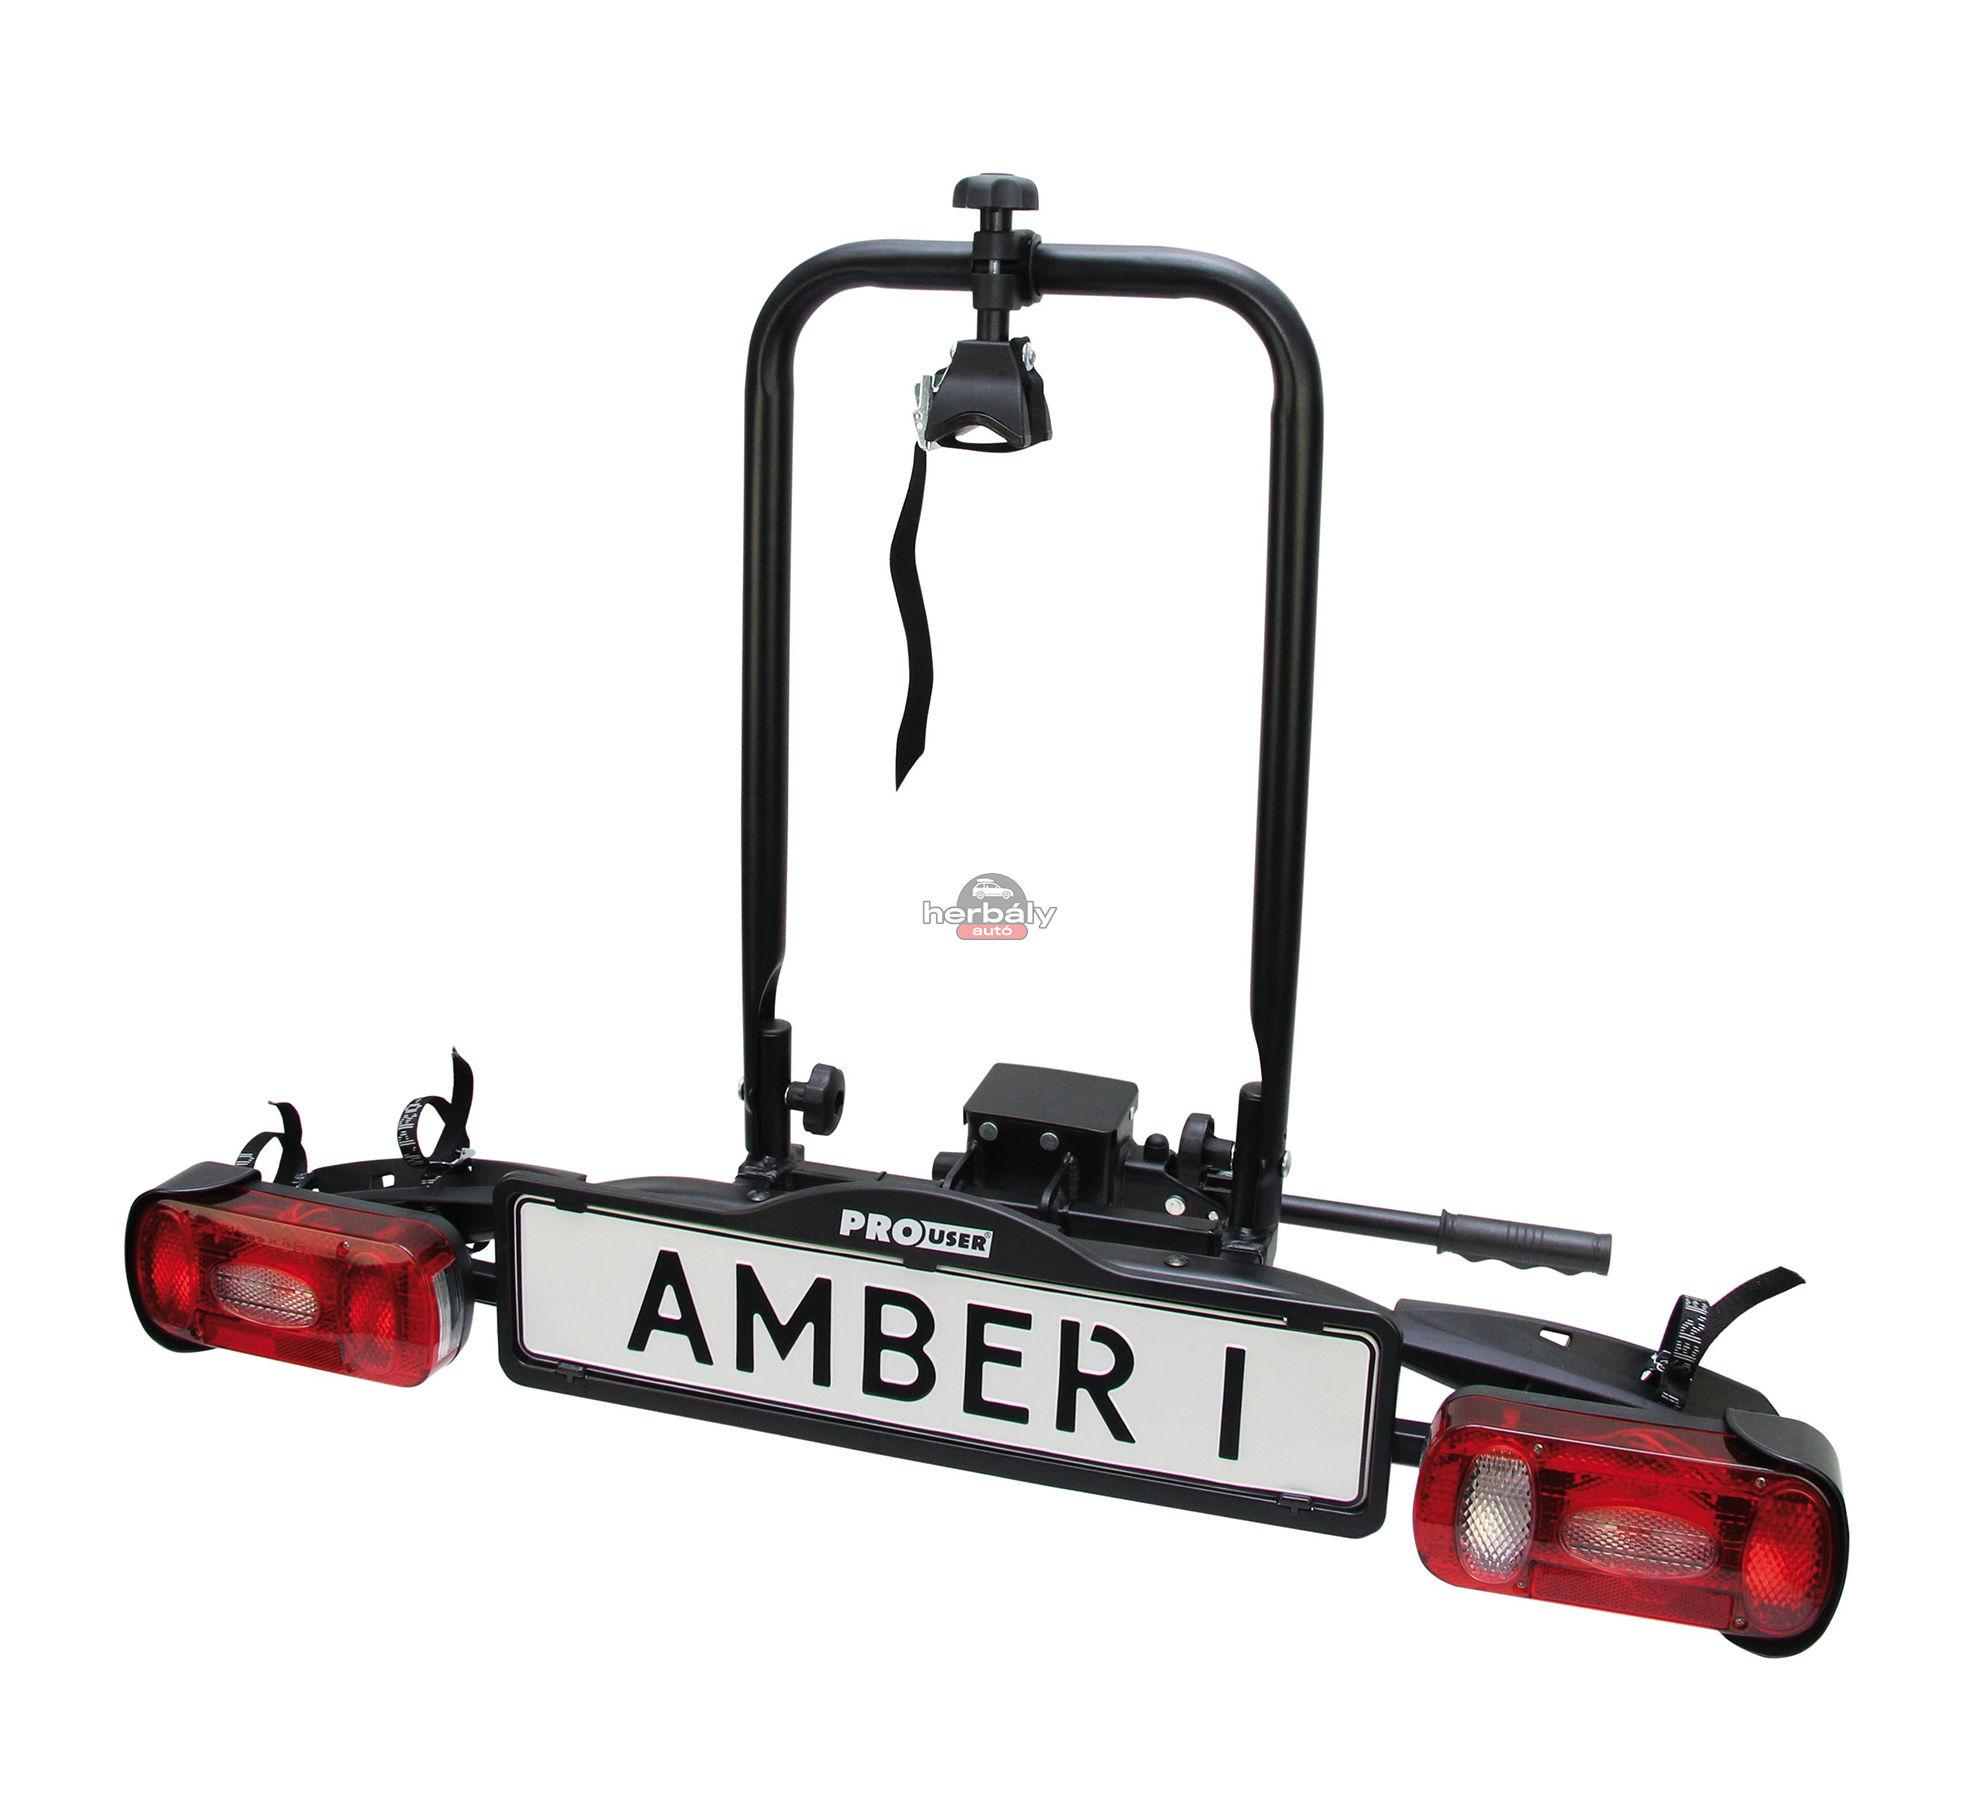 Pro-User Amber I kerékpártartó vonóhorogra